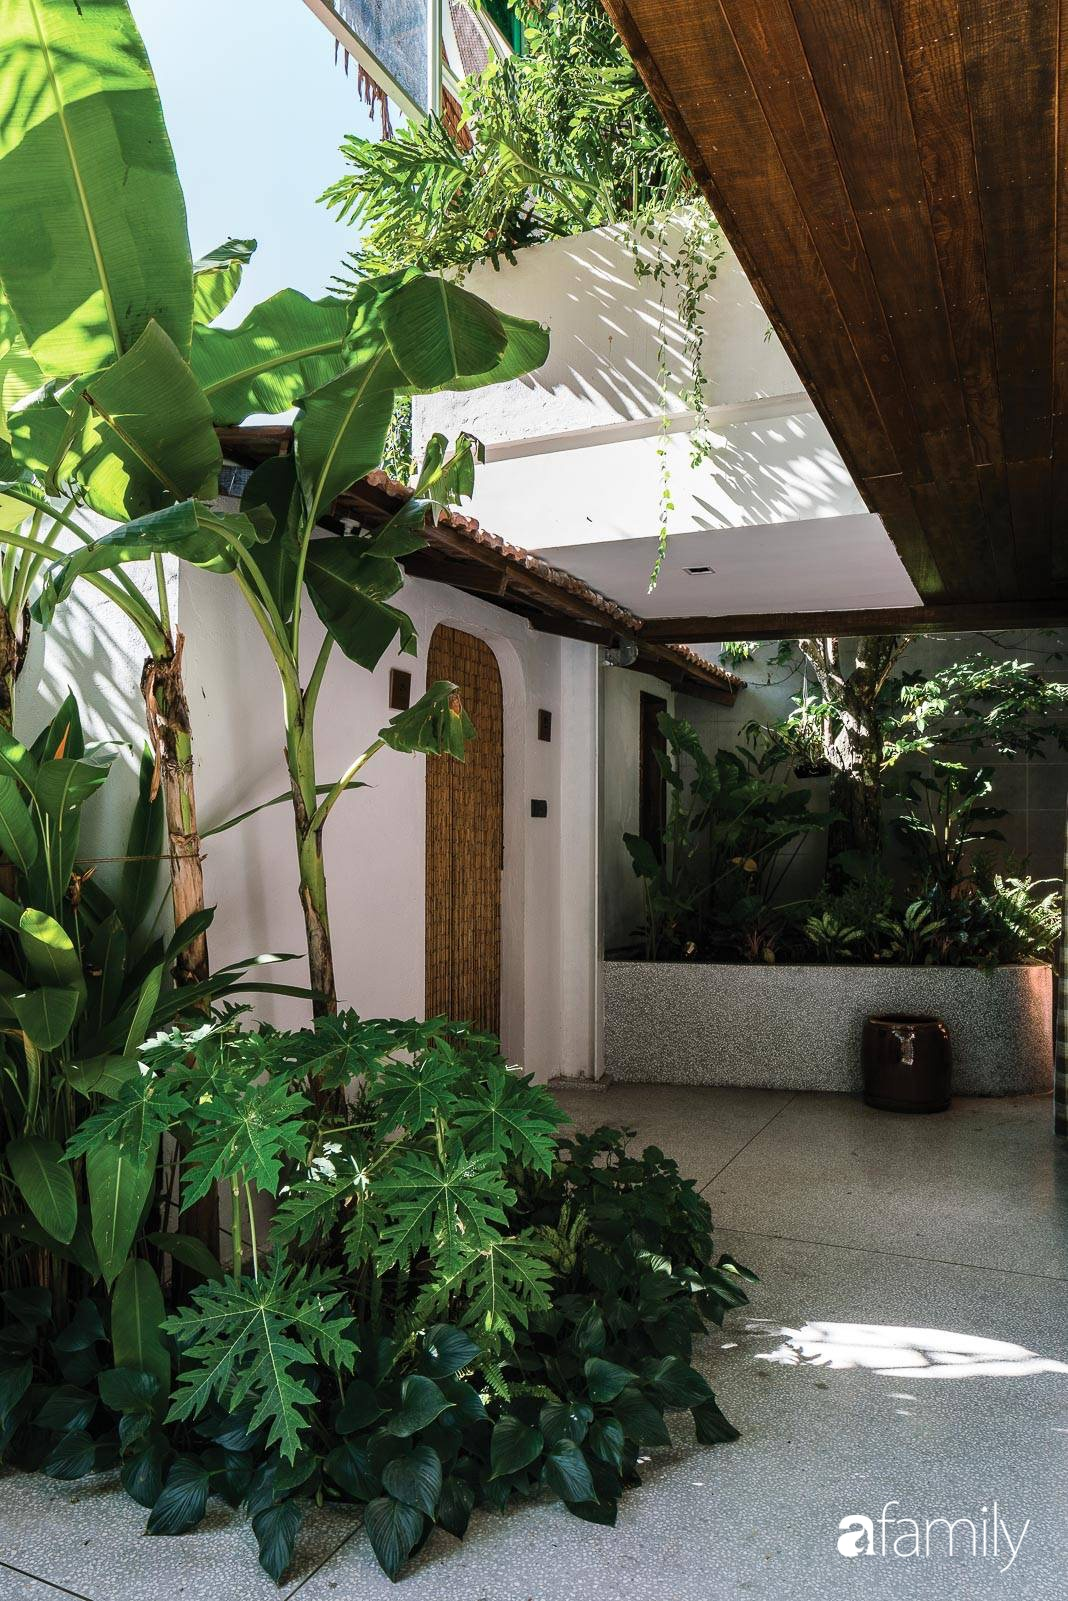 Ngôi nhà gỗ với thiết kế giống tổ chim đẹp như resort nghỉ dưỡng đậm chất thơ trong lòng Sài Gòn - Ảnh 13.